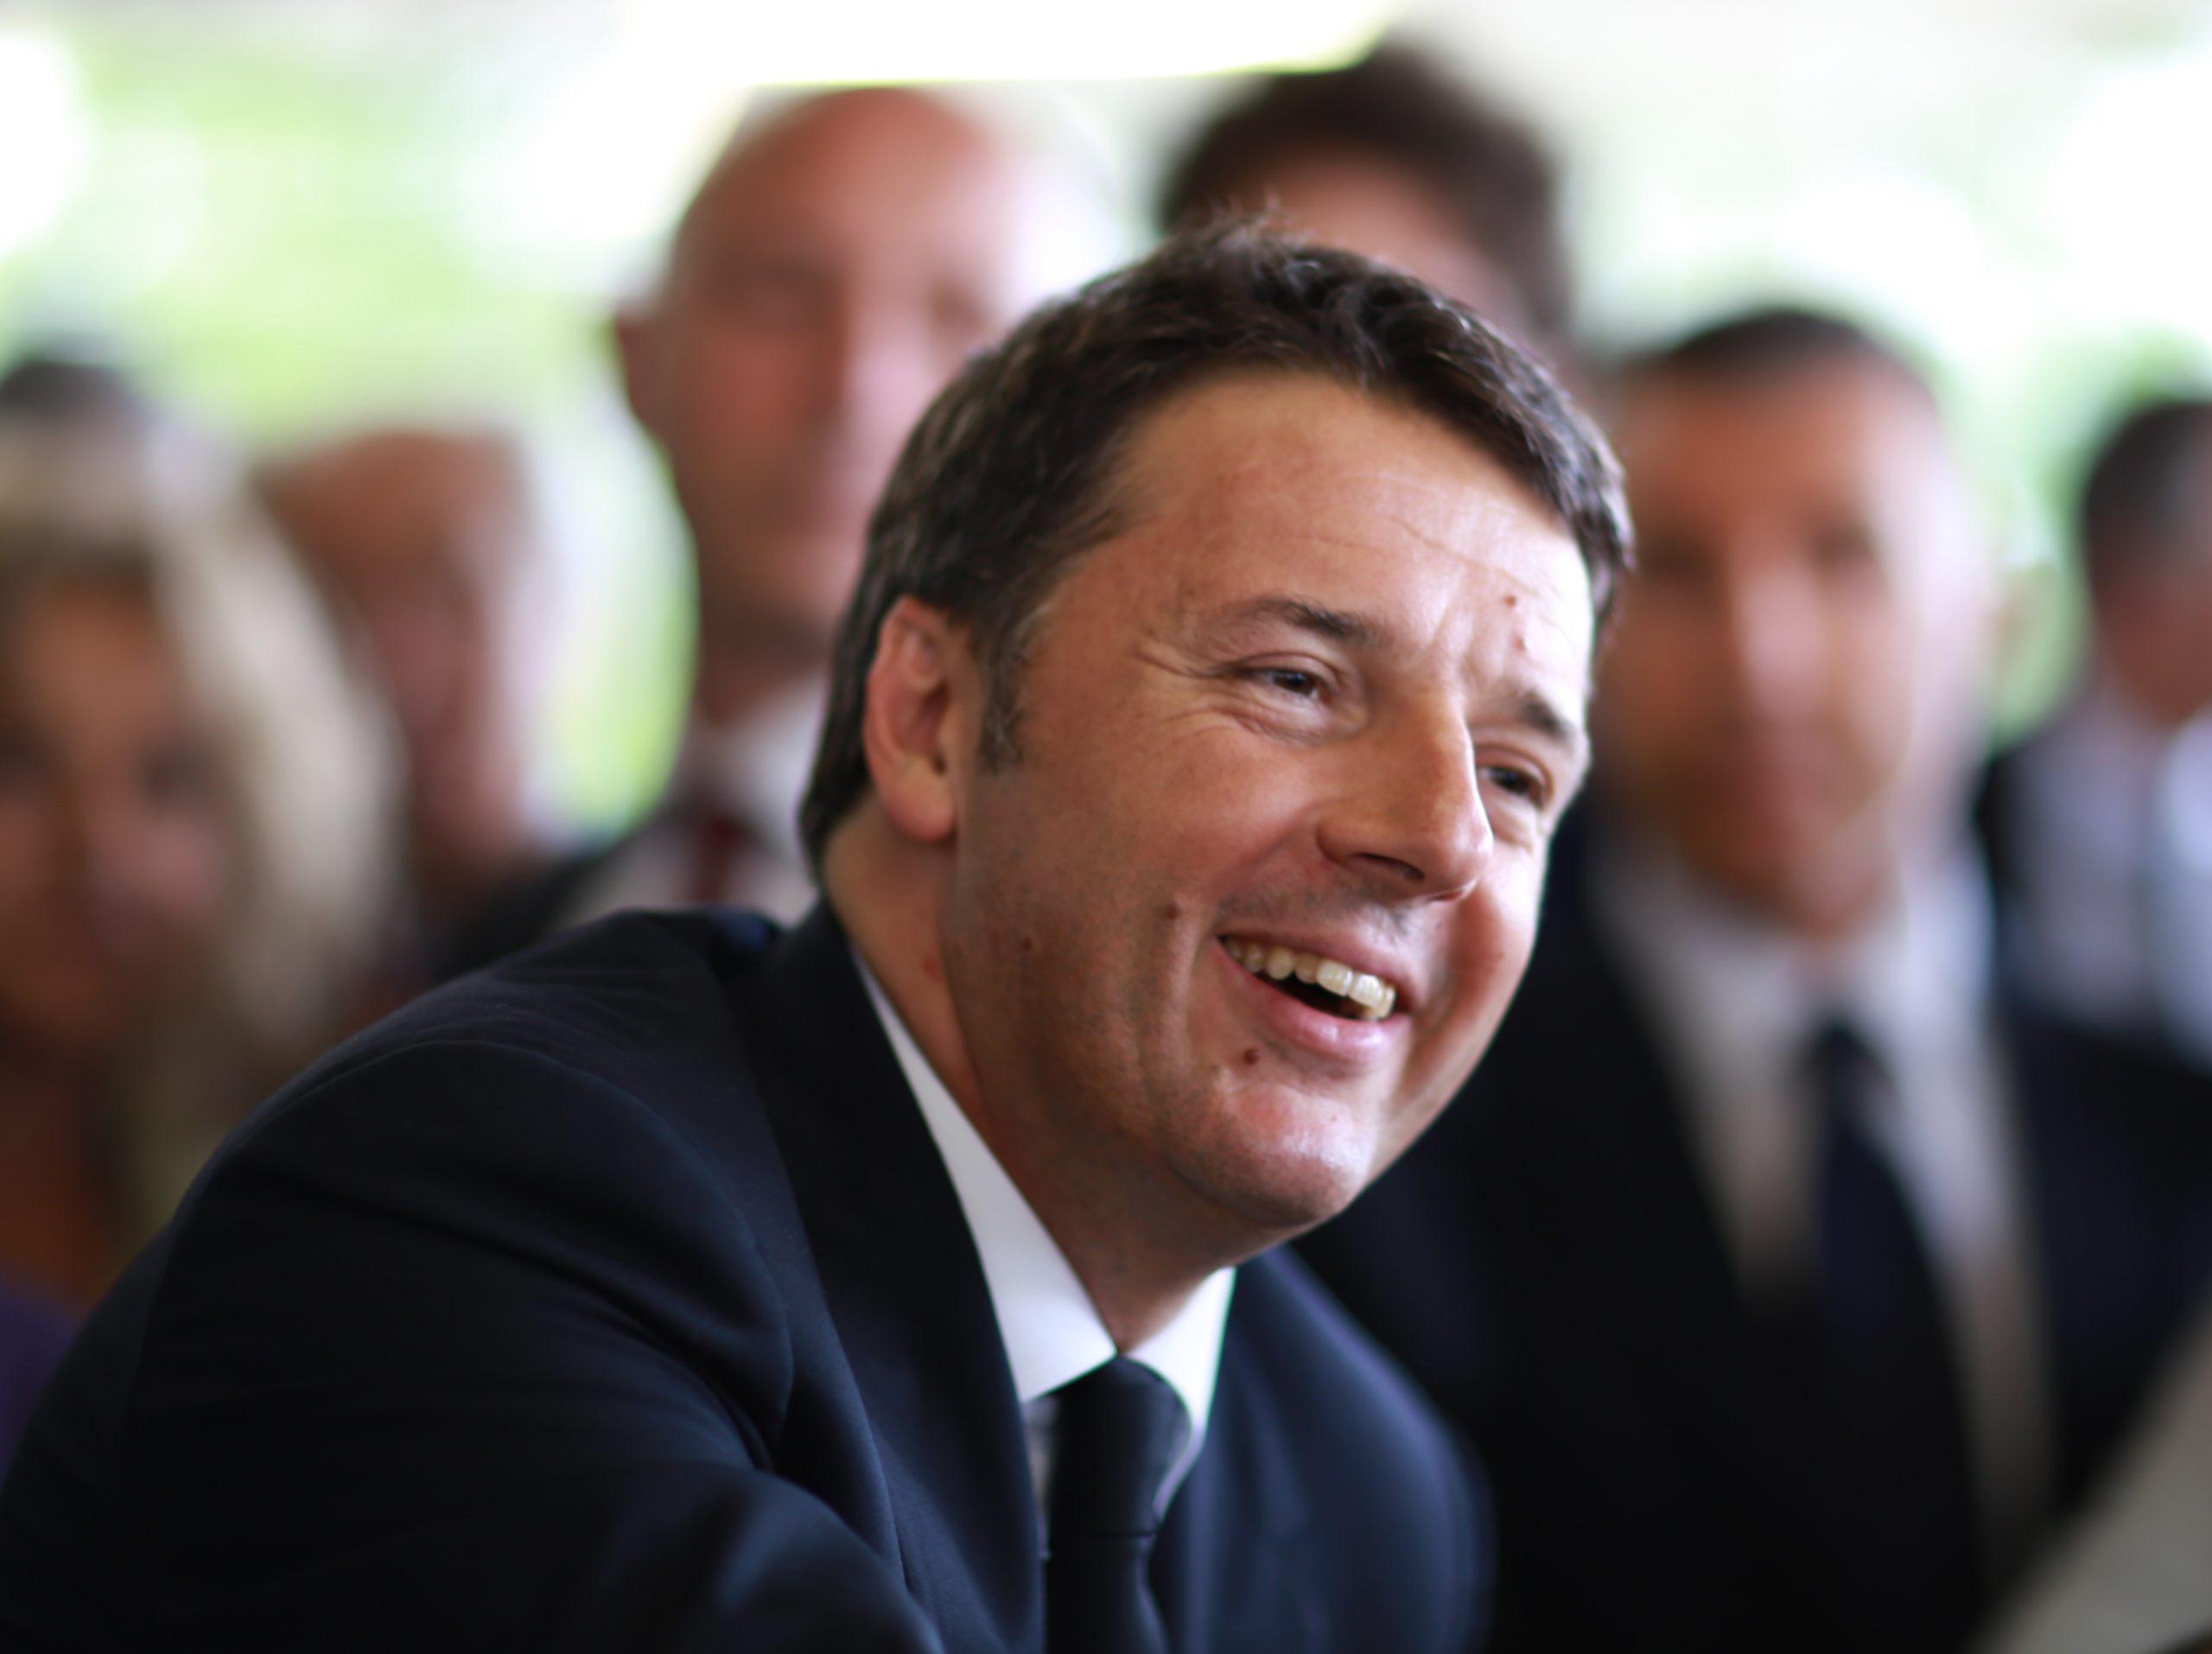 Governo, Matteo Renzi: